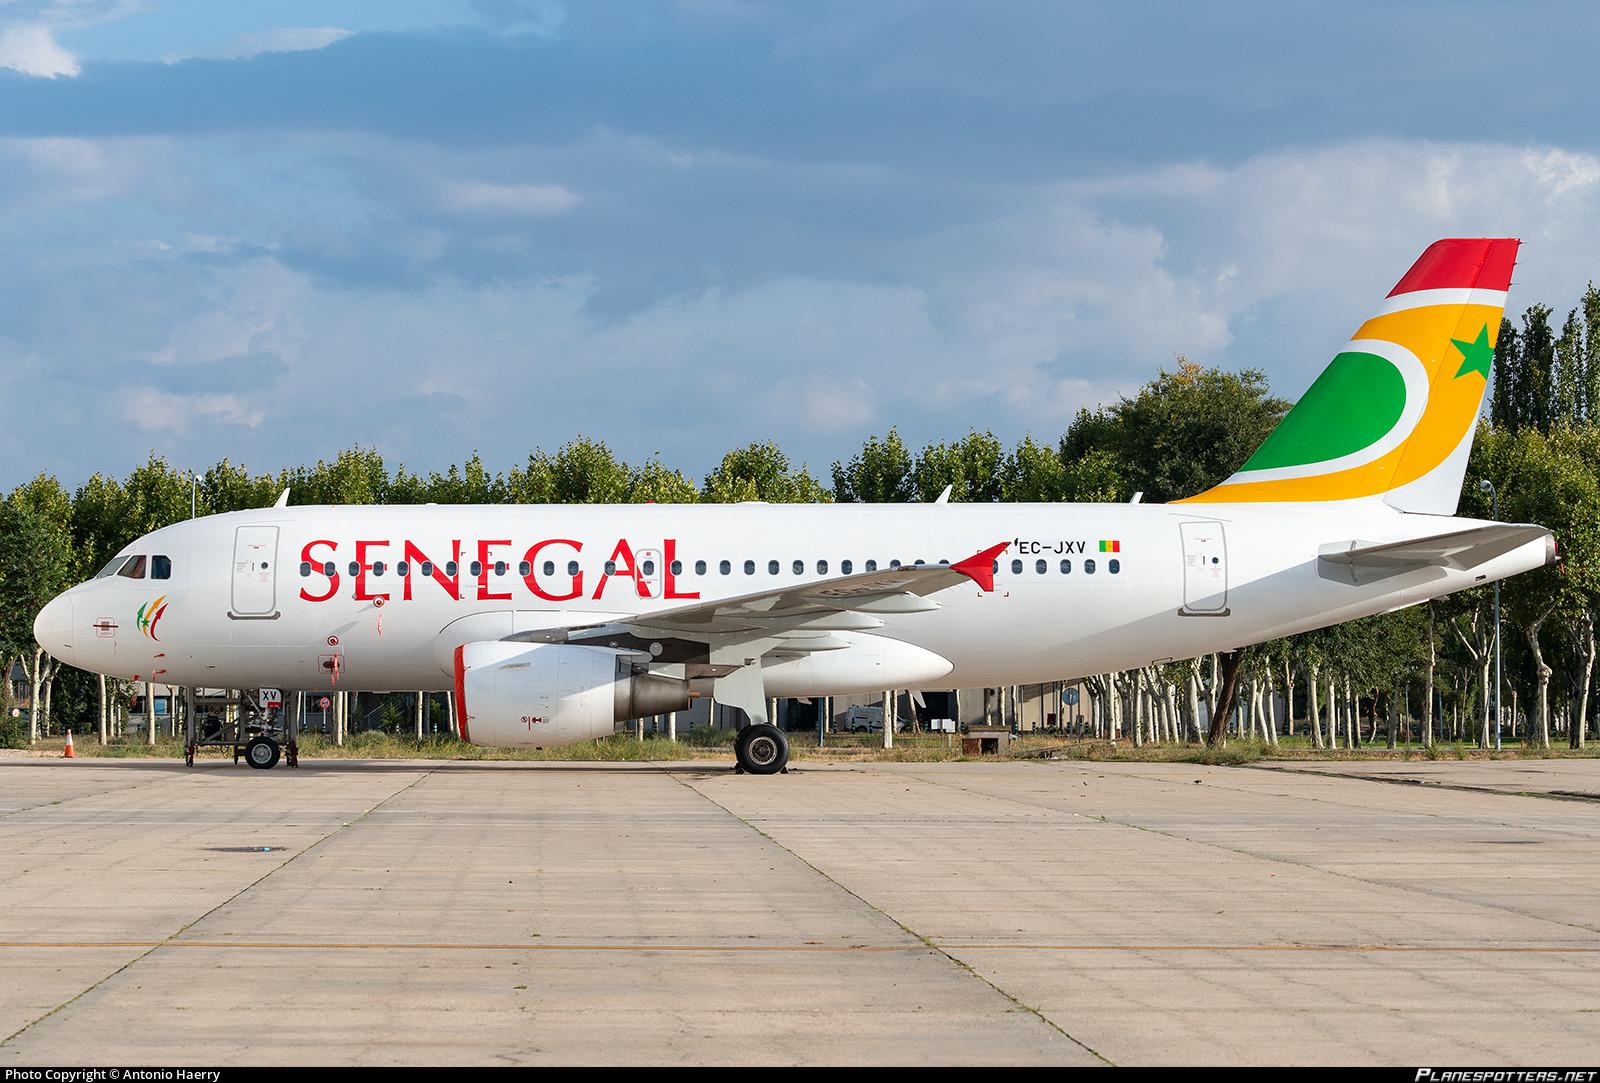 Un avion d'Air Sénégal endommagé par un container